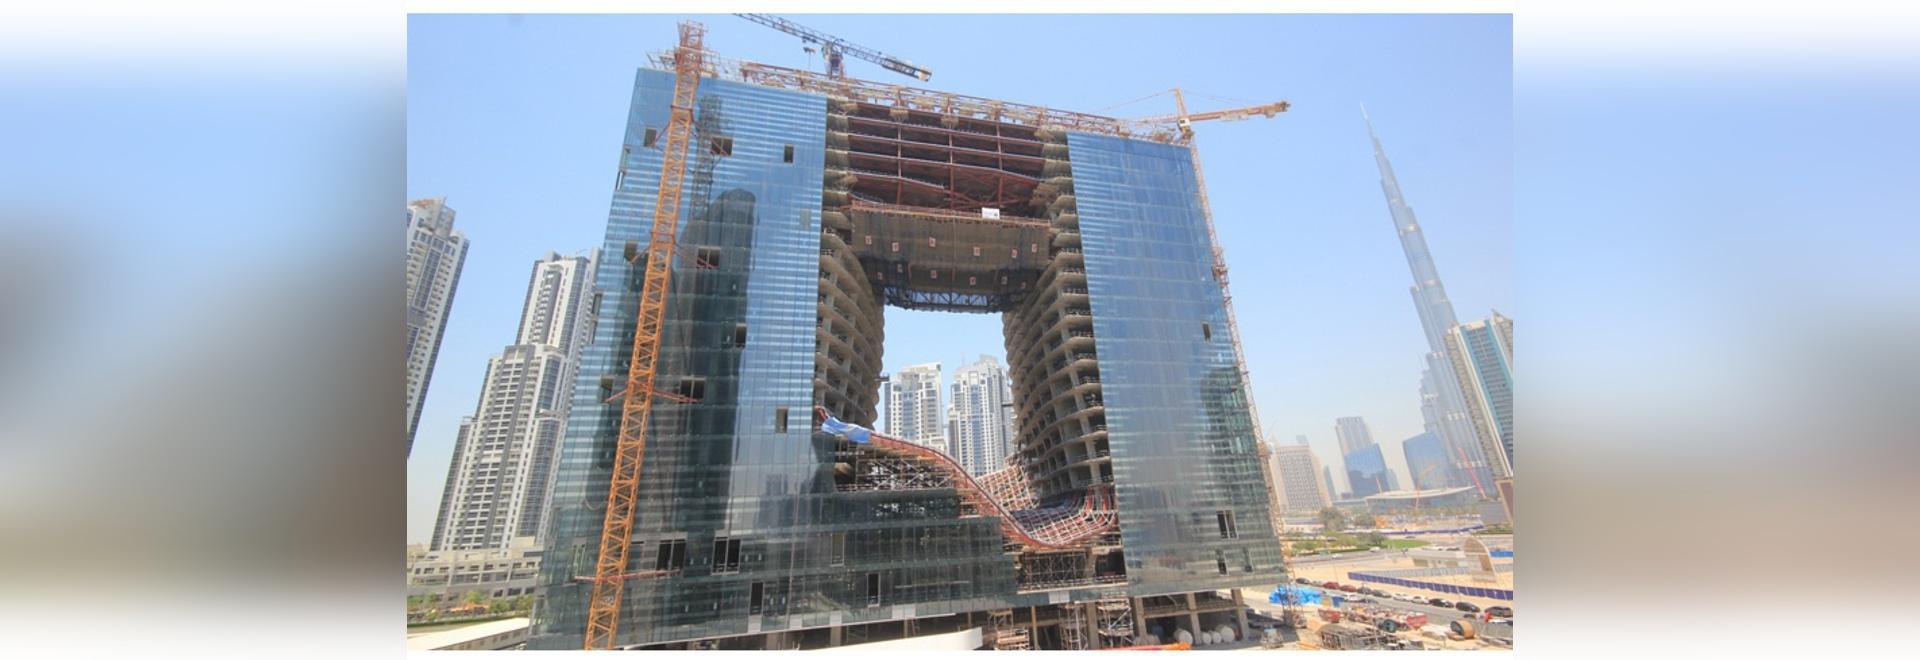 der Opus: Dubai-Entwicklung umfasst zaha hadid Denkmal - Dubai ...